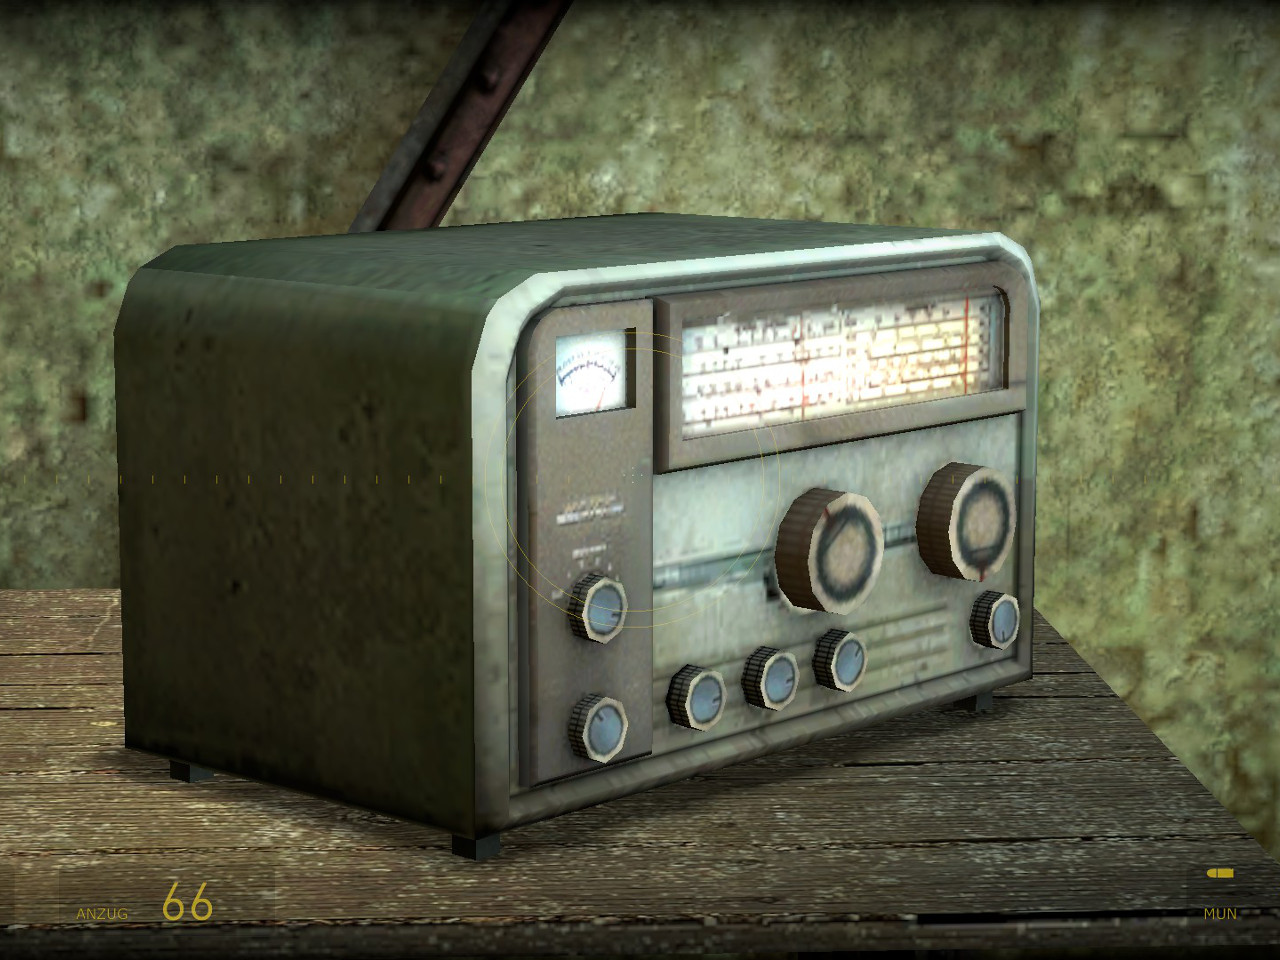 Der Ton macht die Musik. Half-Life 2 ist ein Klangerlebnis. (Bild: Andre Eymann)